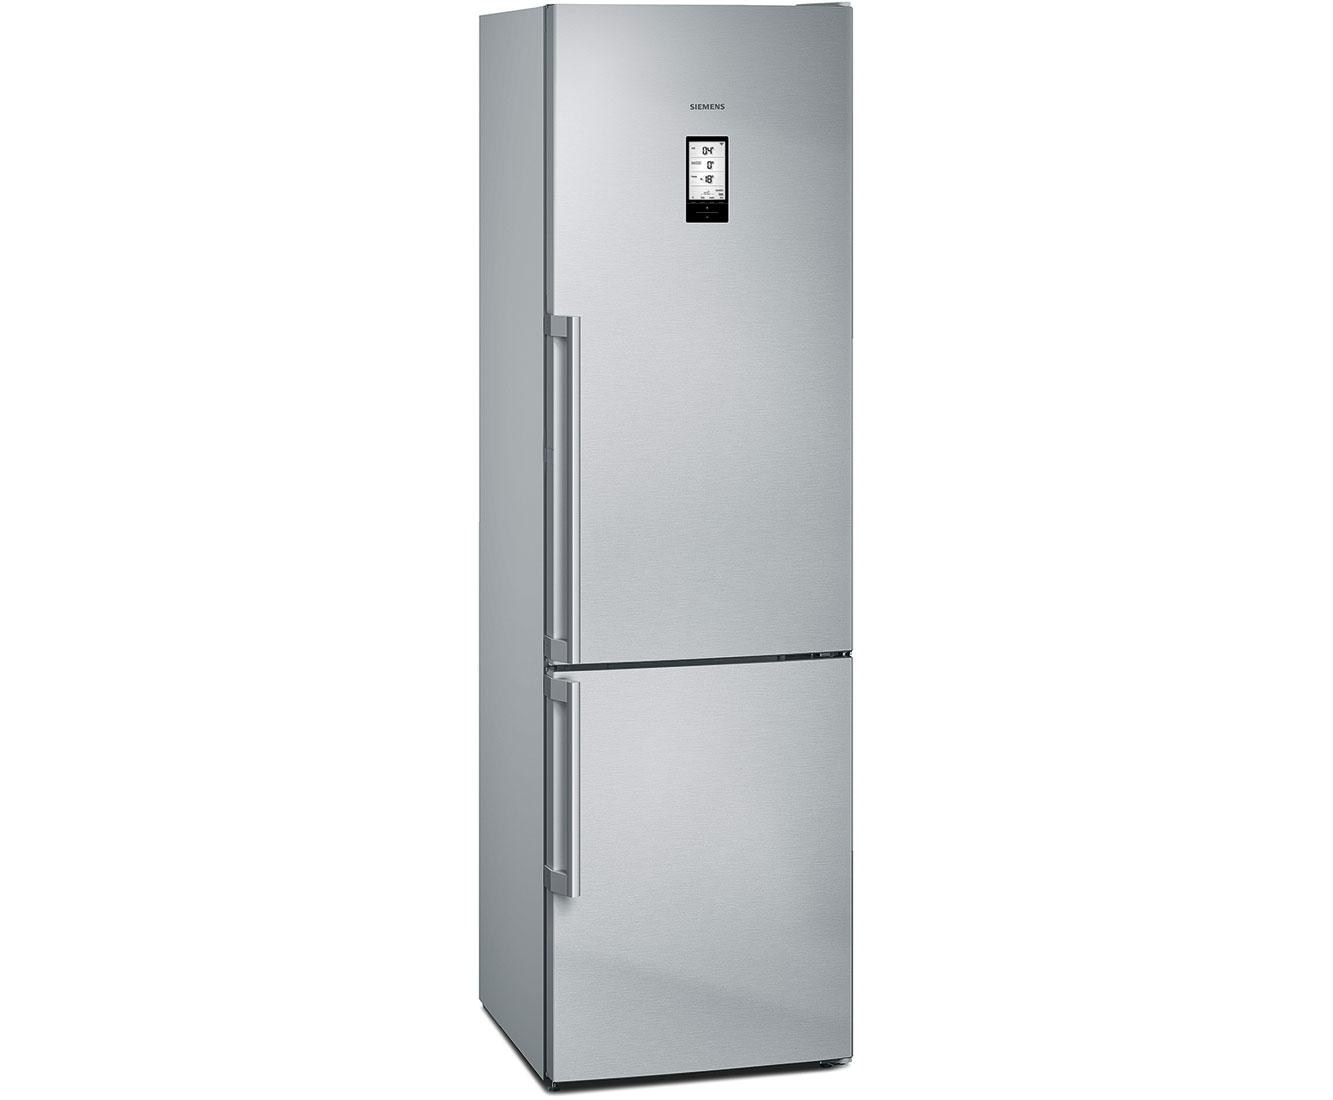 Siemens Family Line Kühlschrank : Siemens iq kg fpi kühl gefrierkombination mit no frost